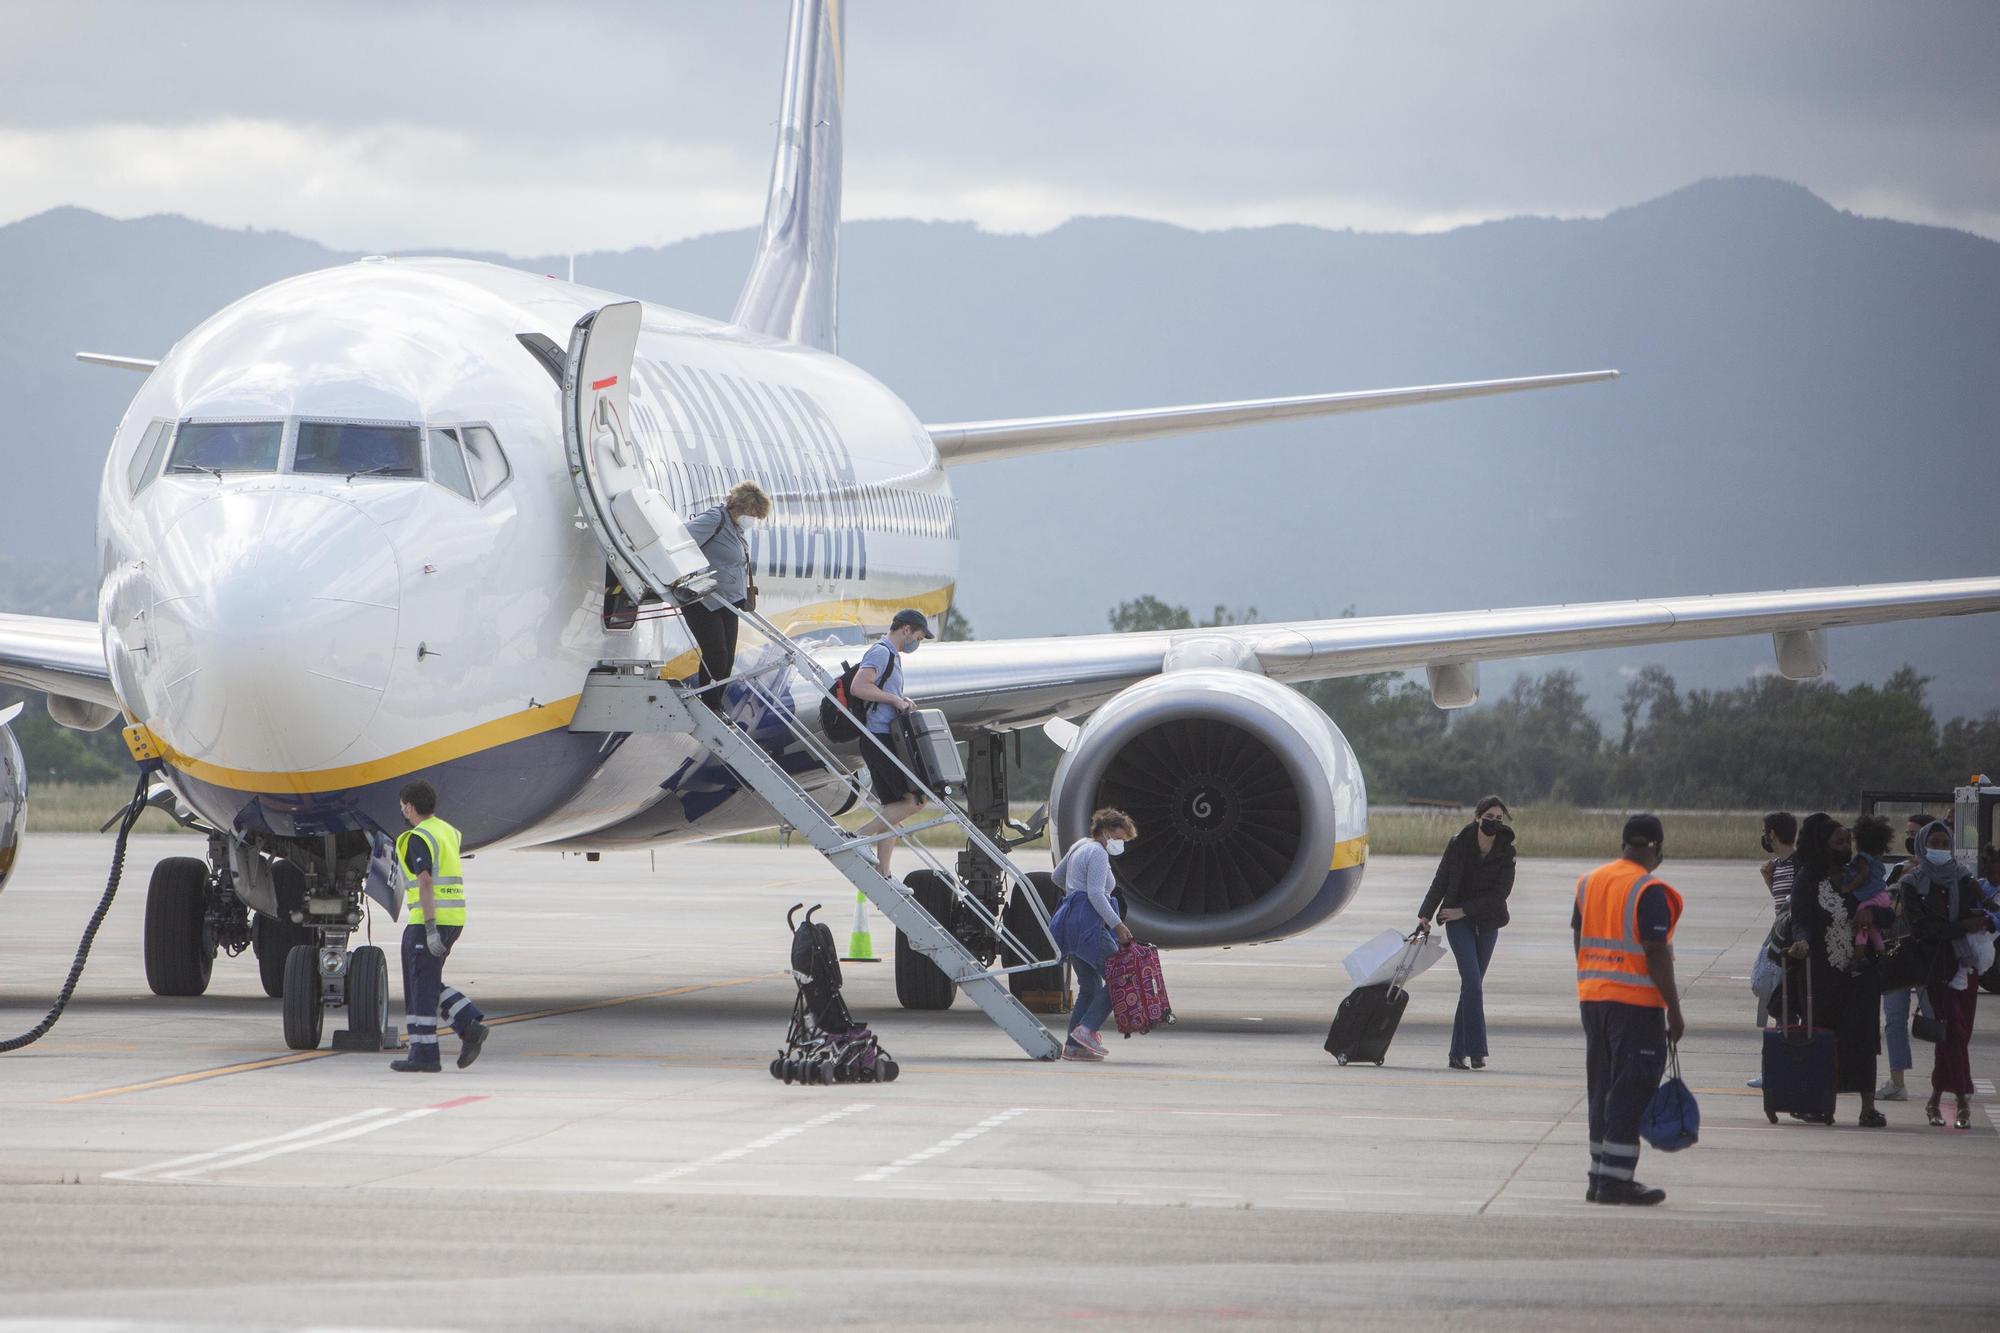 Ryanair torna a dur turistes a Vilobí d'Onyar